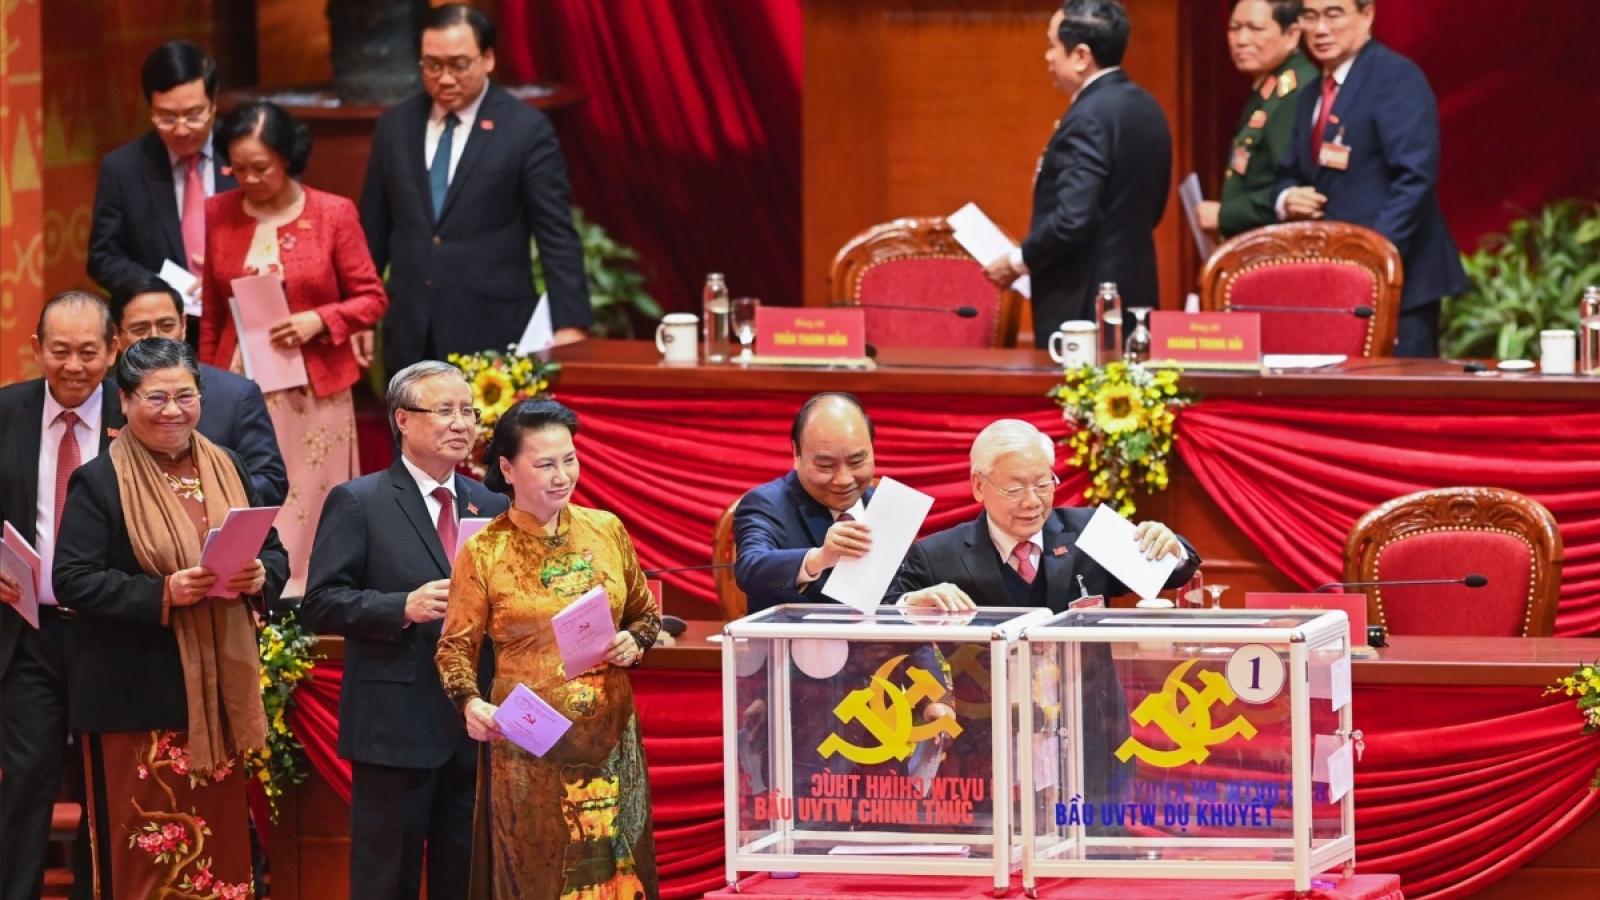 Ảnh: Đại biểu bỏ phiếu bầu Ban Chấp hành Trung ương khoá XIII